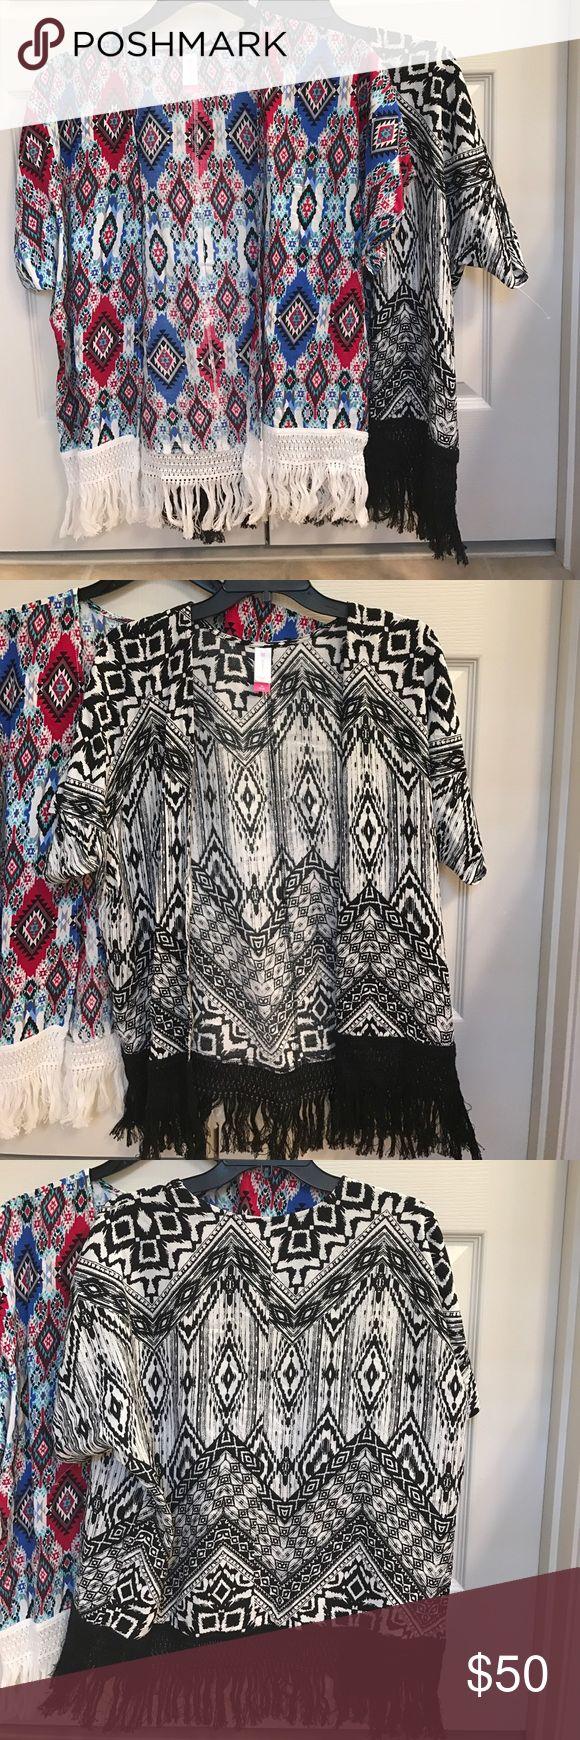 NOBO size M fringe aztec print cardigan bundle NOBO size M fringe aztec print cardigan bundle Sweaters Cardigans